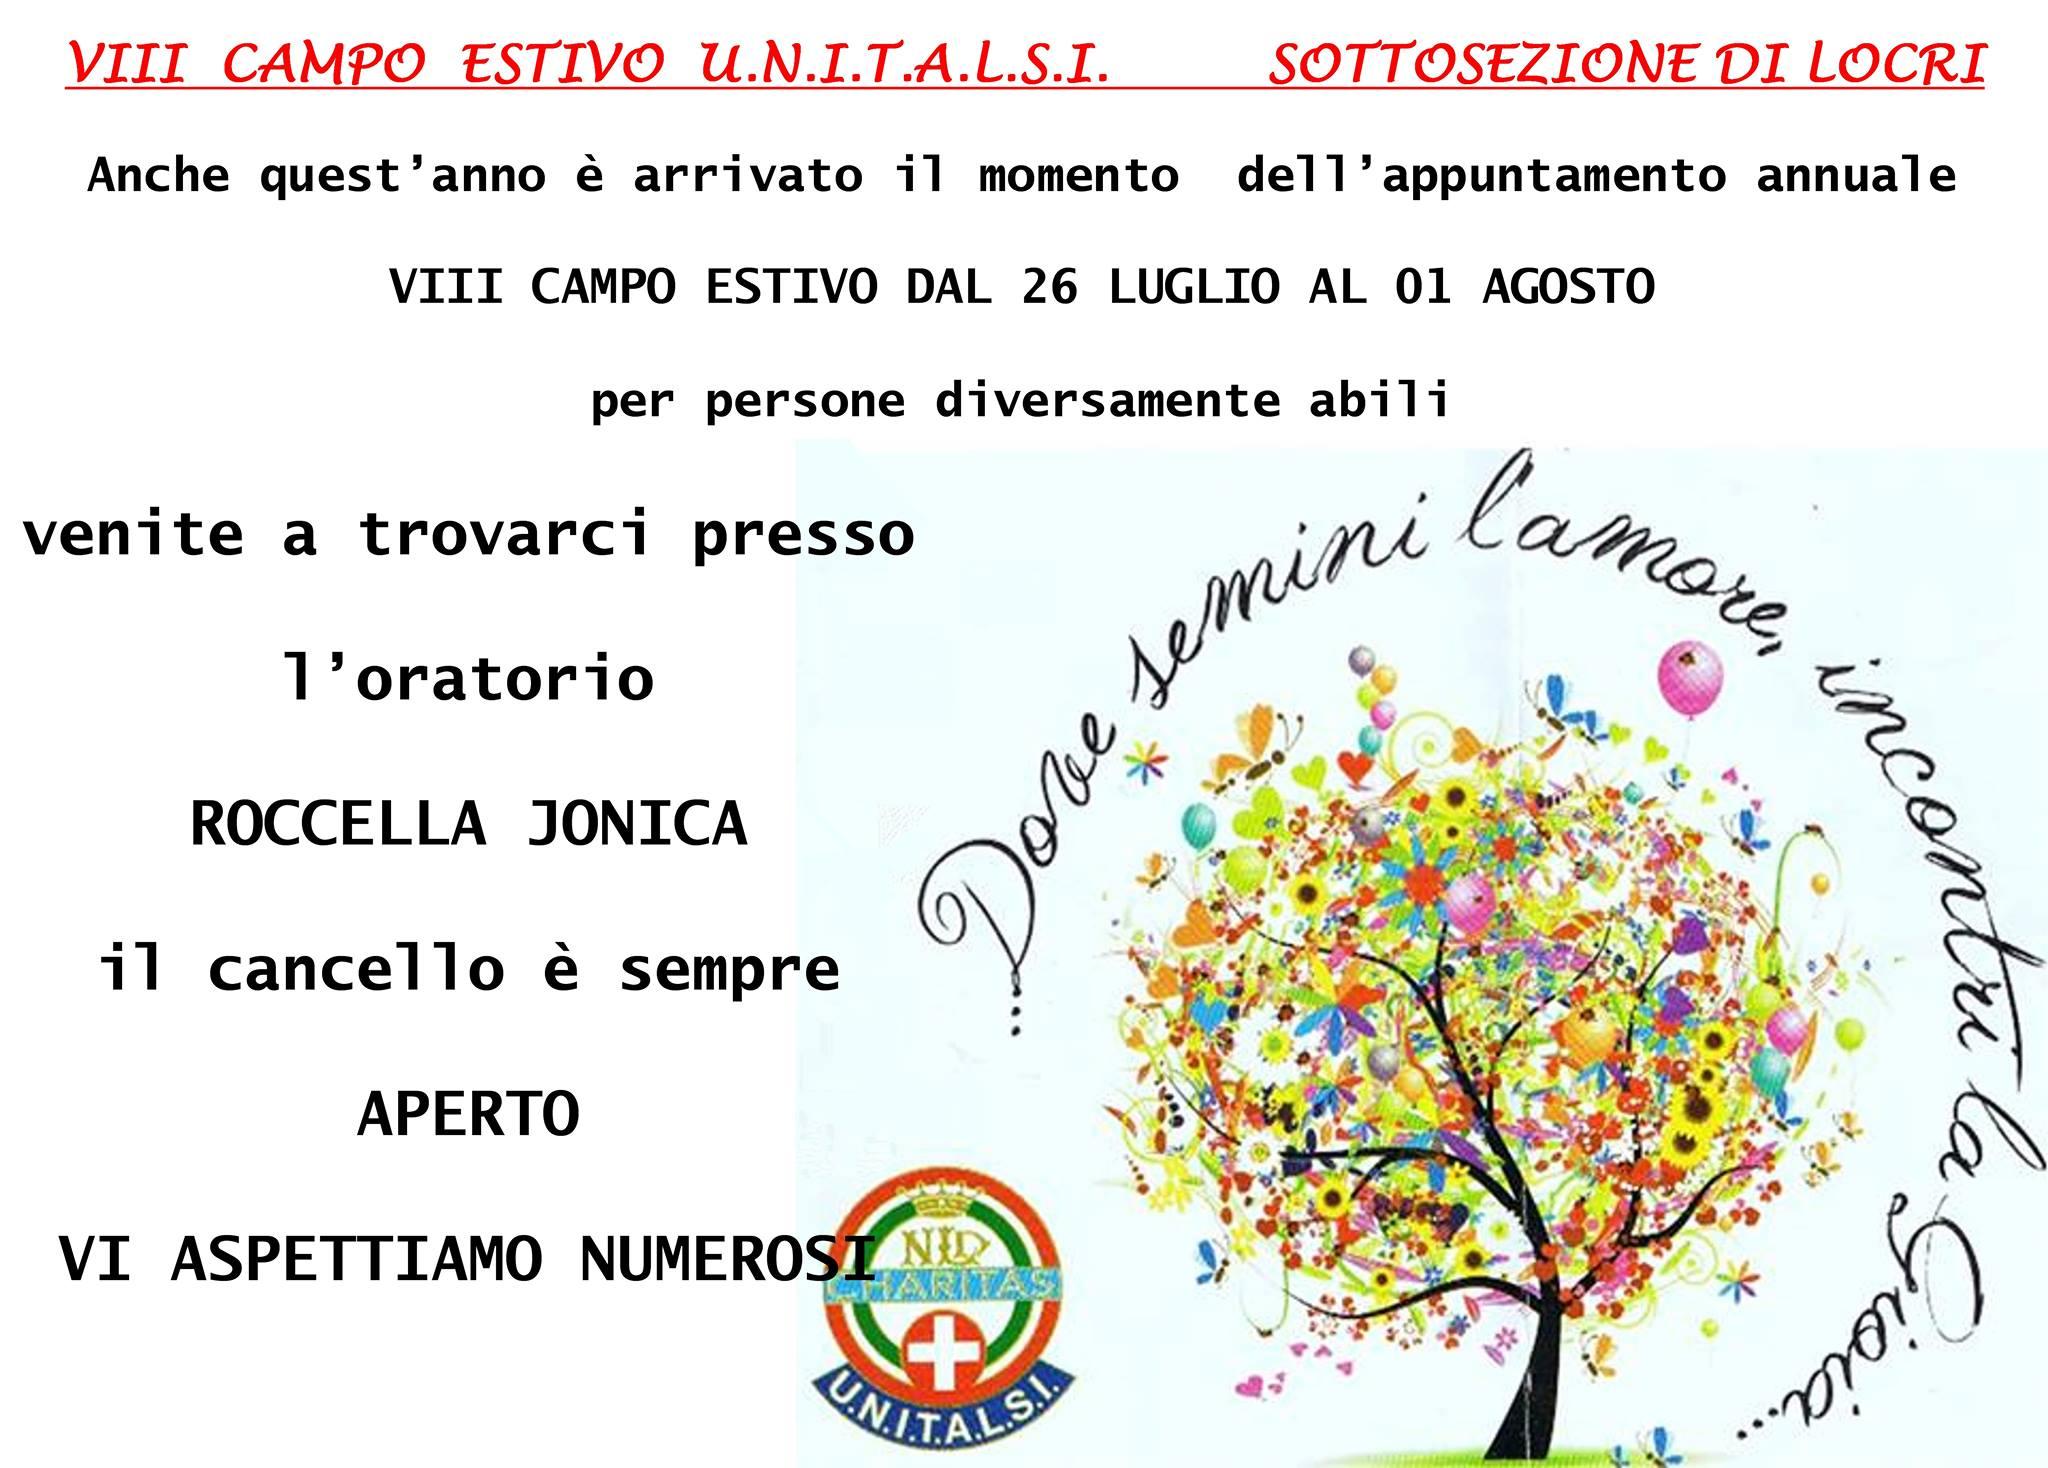 UNITALSI ANNUNCIO CAMPO ESTIVO13833453_1190379627648885_1694339383_o